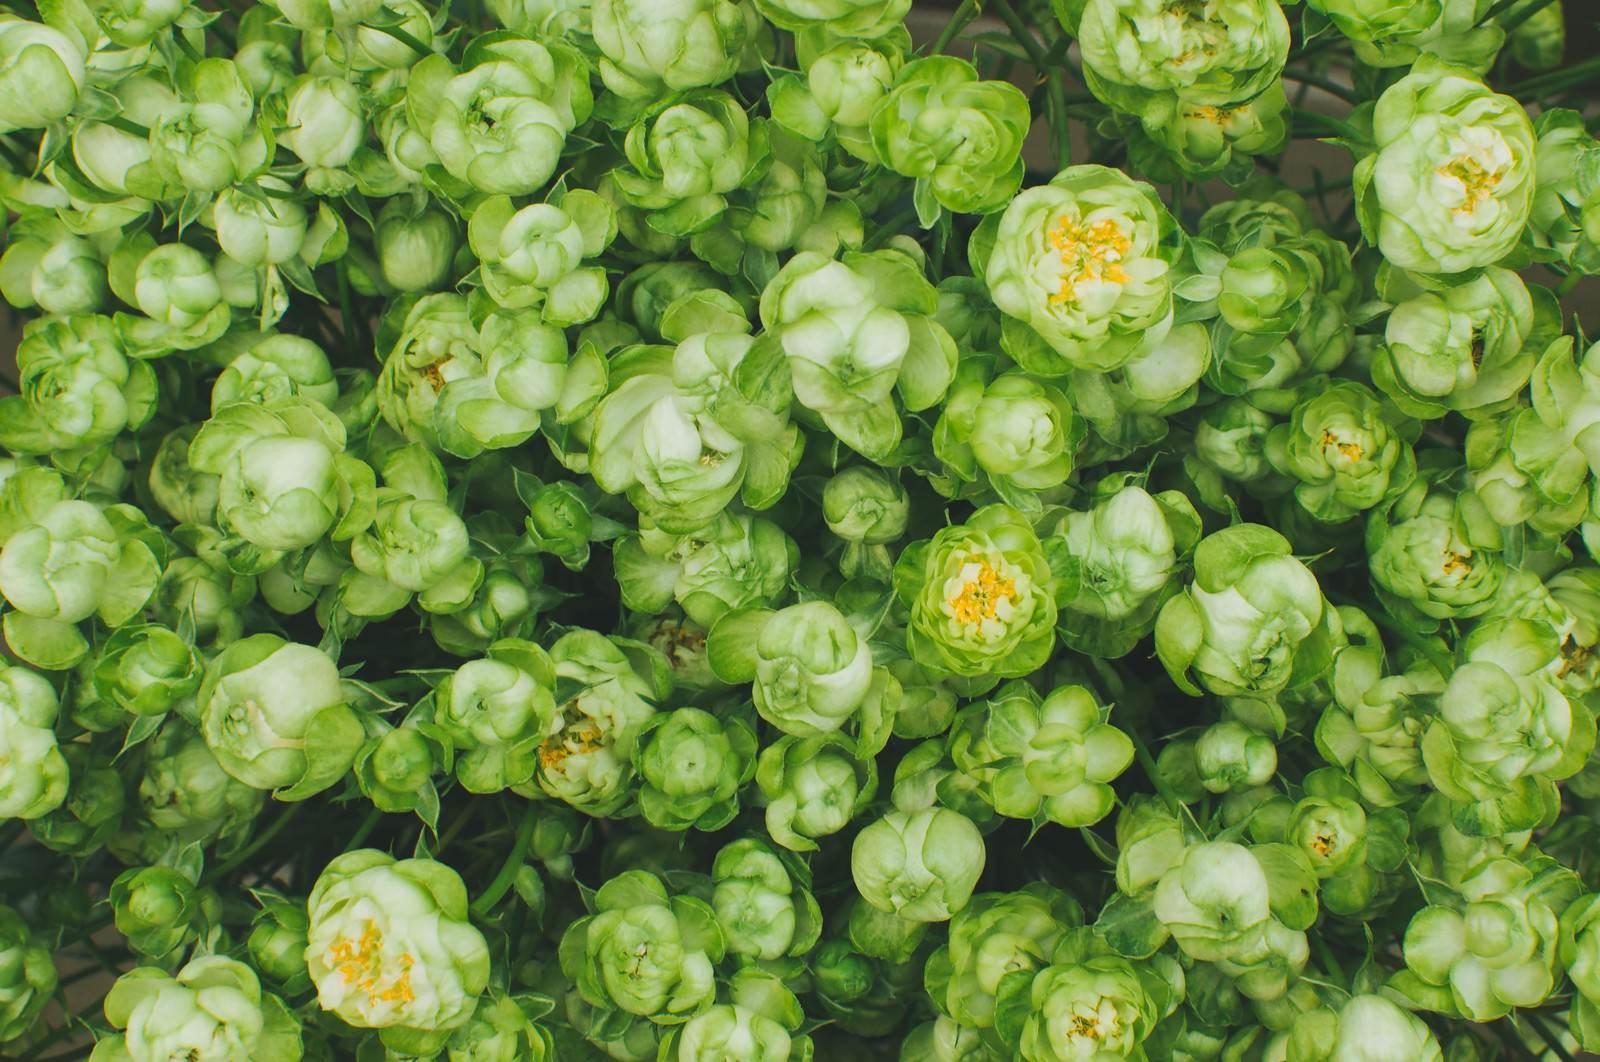 「緑の薔薇」の写真